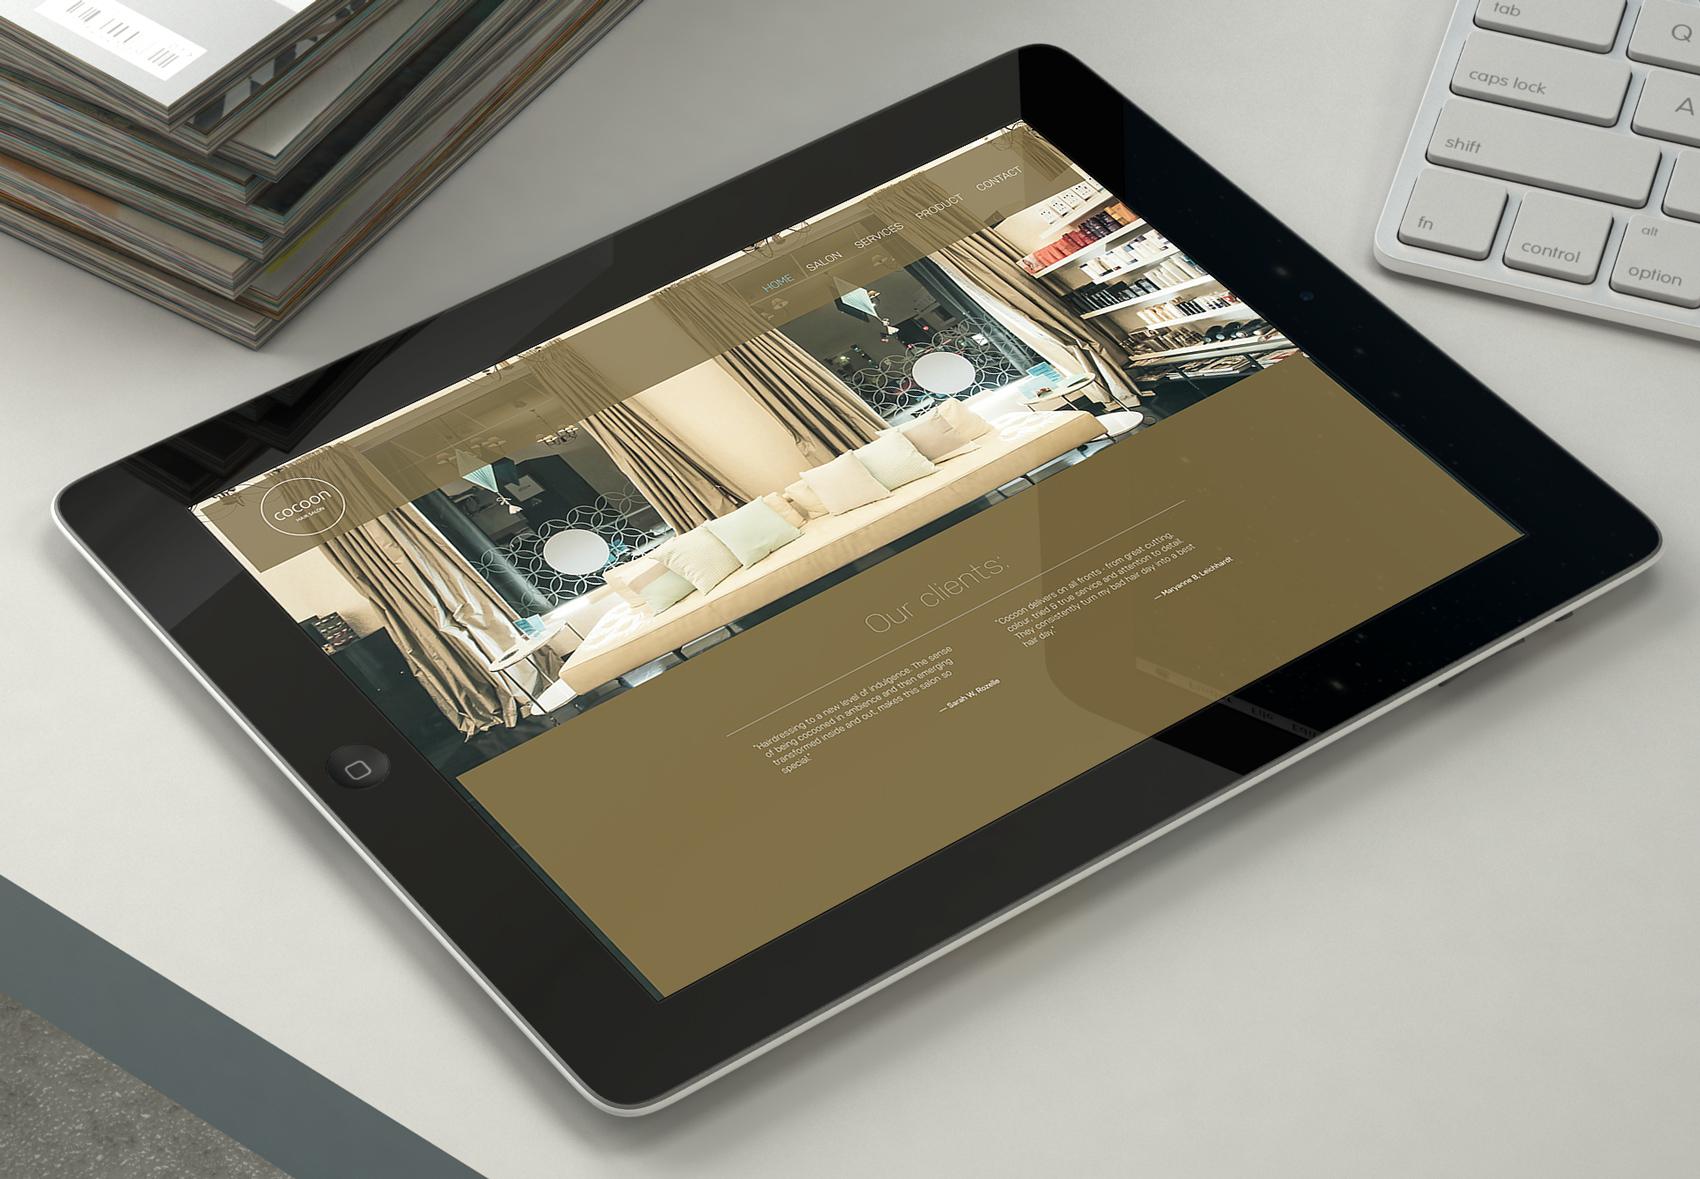 Cocoon-Tablet_Mockup_03.jpg